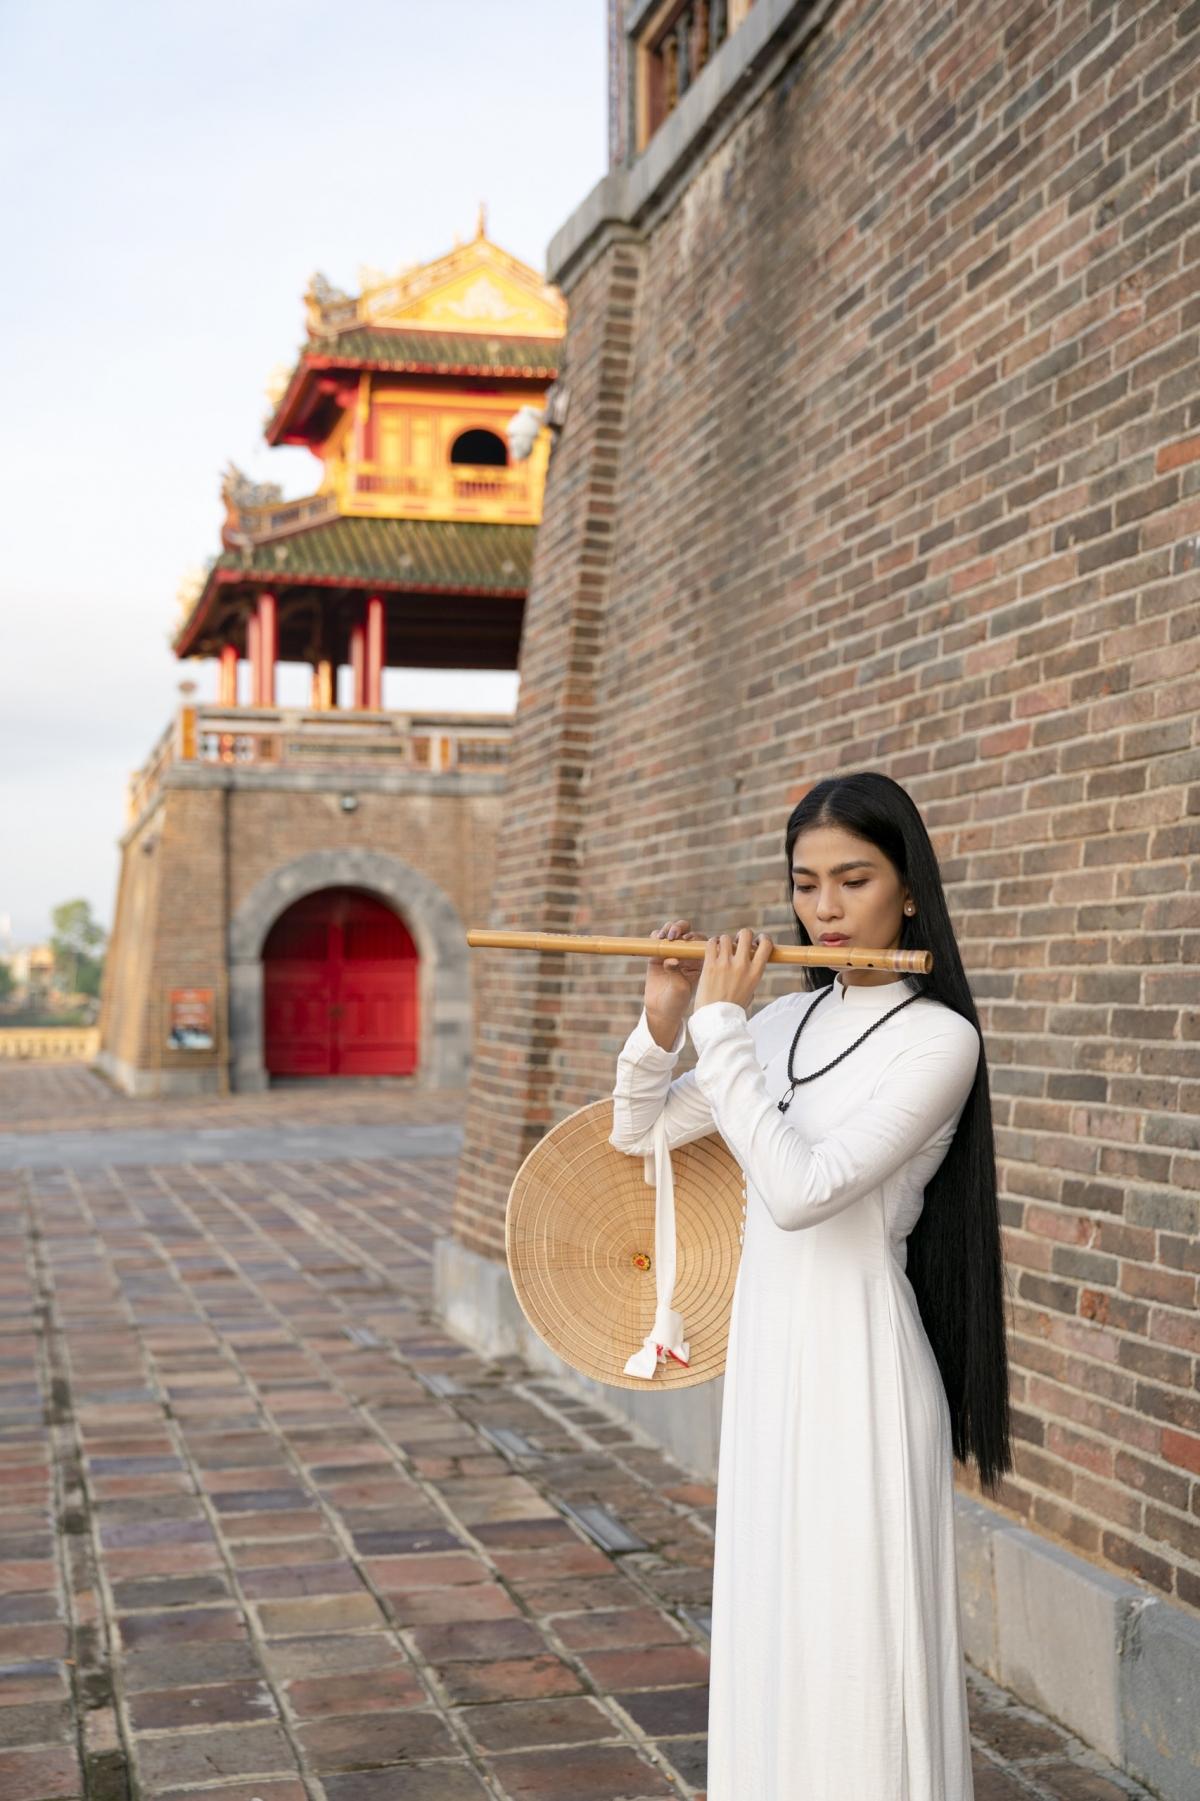 Diện bộ áo dài trắng tự may, cổ đeo tràng hạt, đầu đội nón lá, tay cầm cây sáo thổi..., Trương Thị May được nhiếp ảnh gia nổi tiếng Trịnh Quốc Huy ghi lại những khoảnh khắc dung dị, hoài cổ tại đất cố đô.